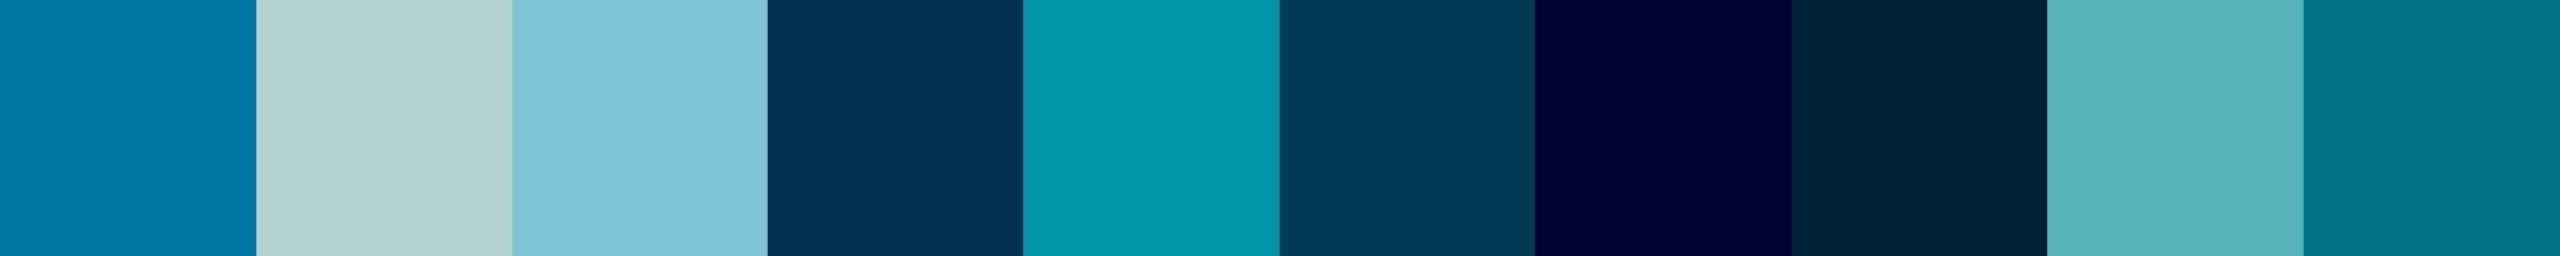 67 Ydroza Color Palette